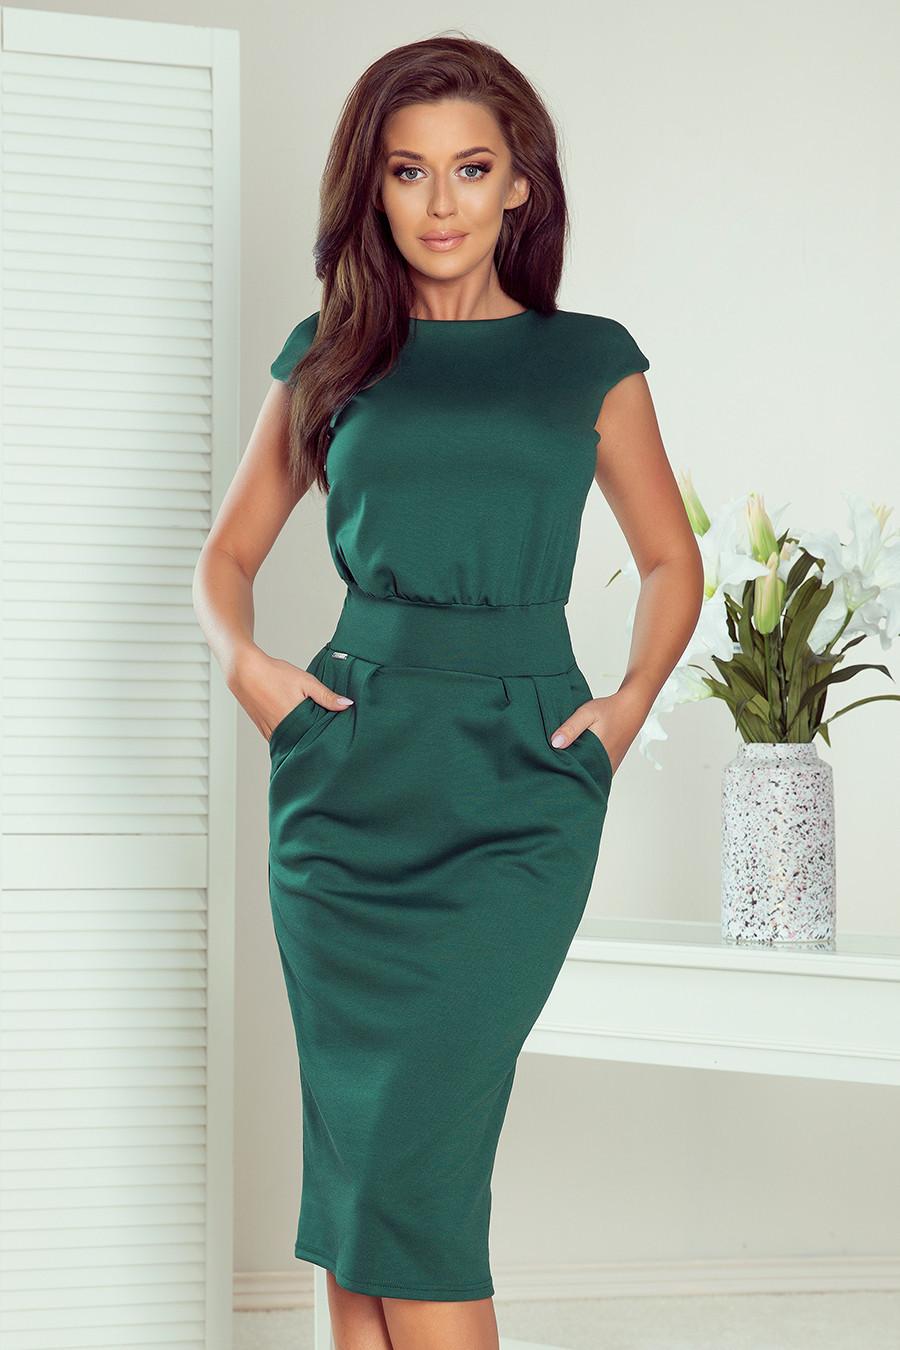 SARA - Dámské midi šaty v lahvově zelené barvě se zvýšeným pasem 144-8 S